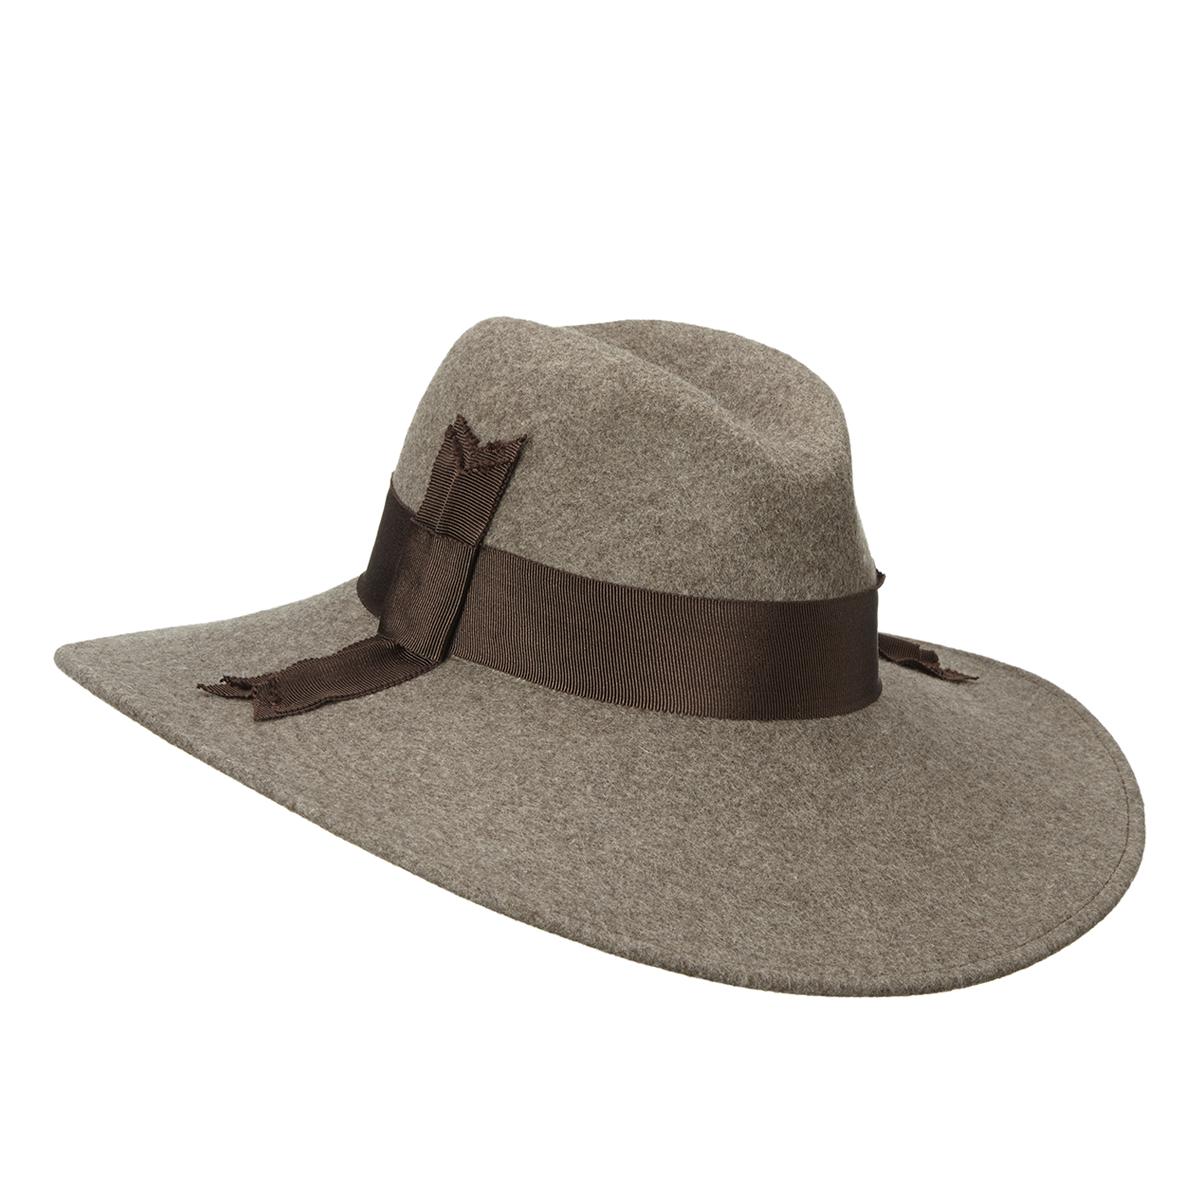 Arnotts Peter O'Brien Oversized Felt Hat E130 (2)